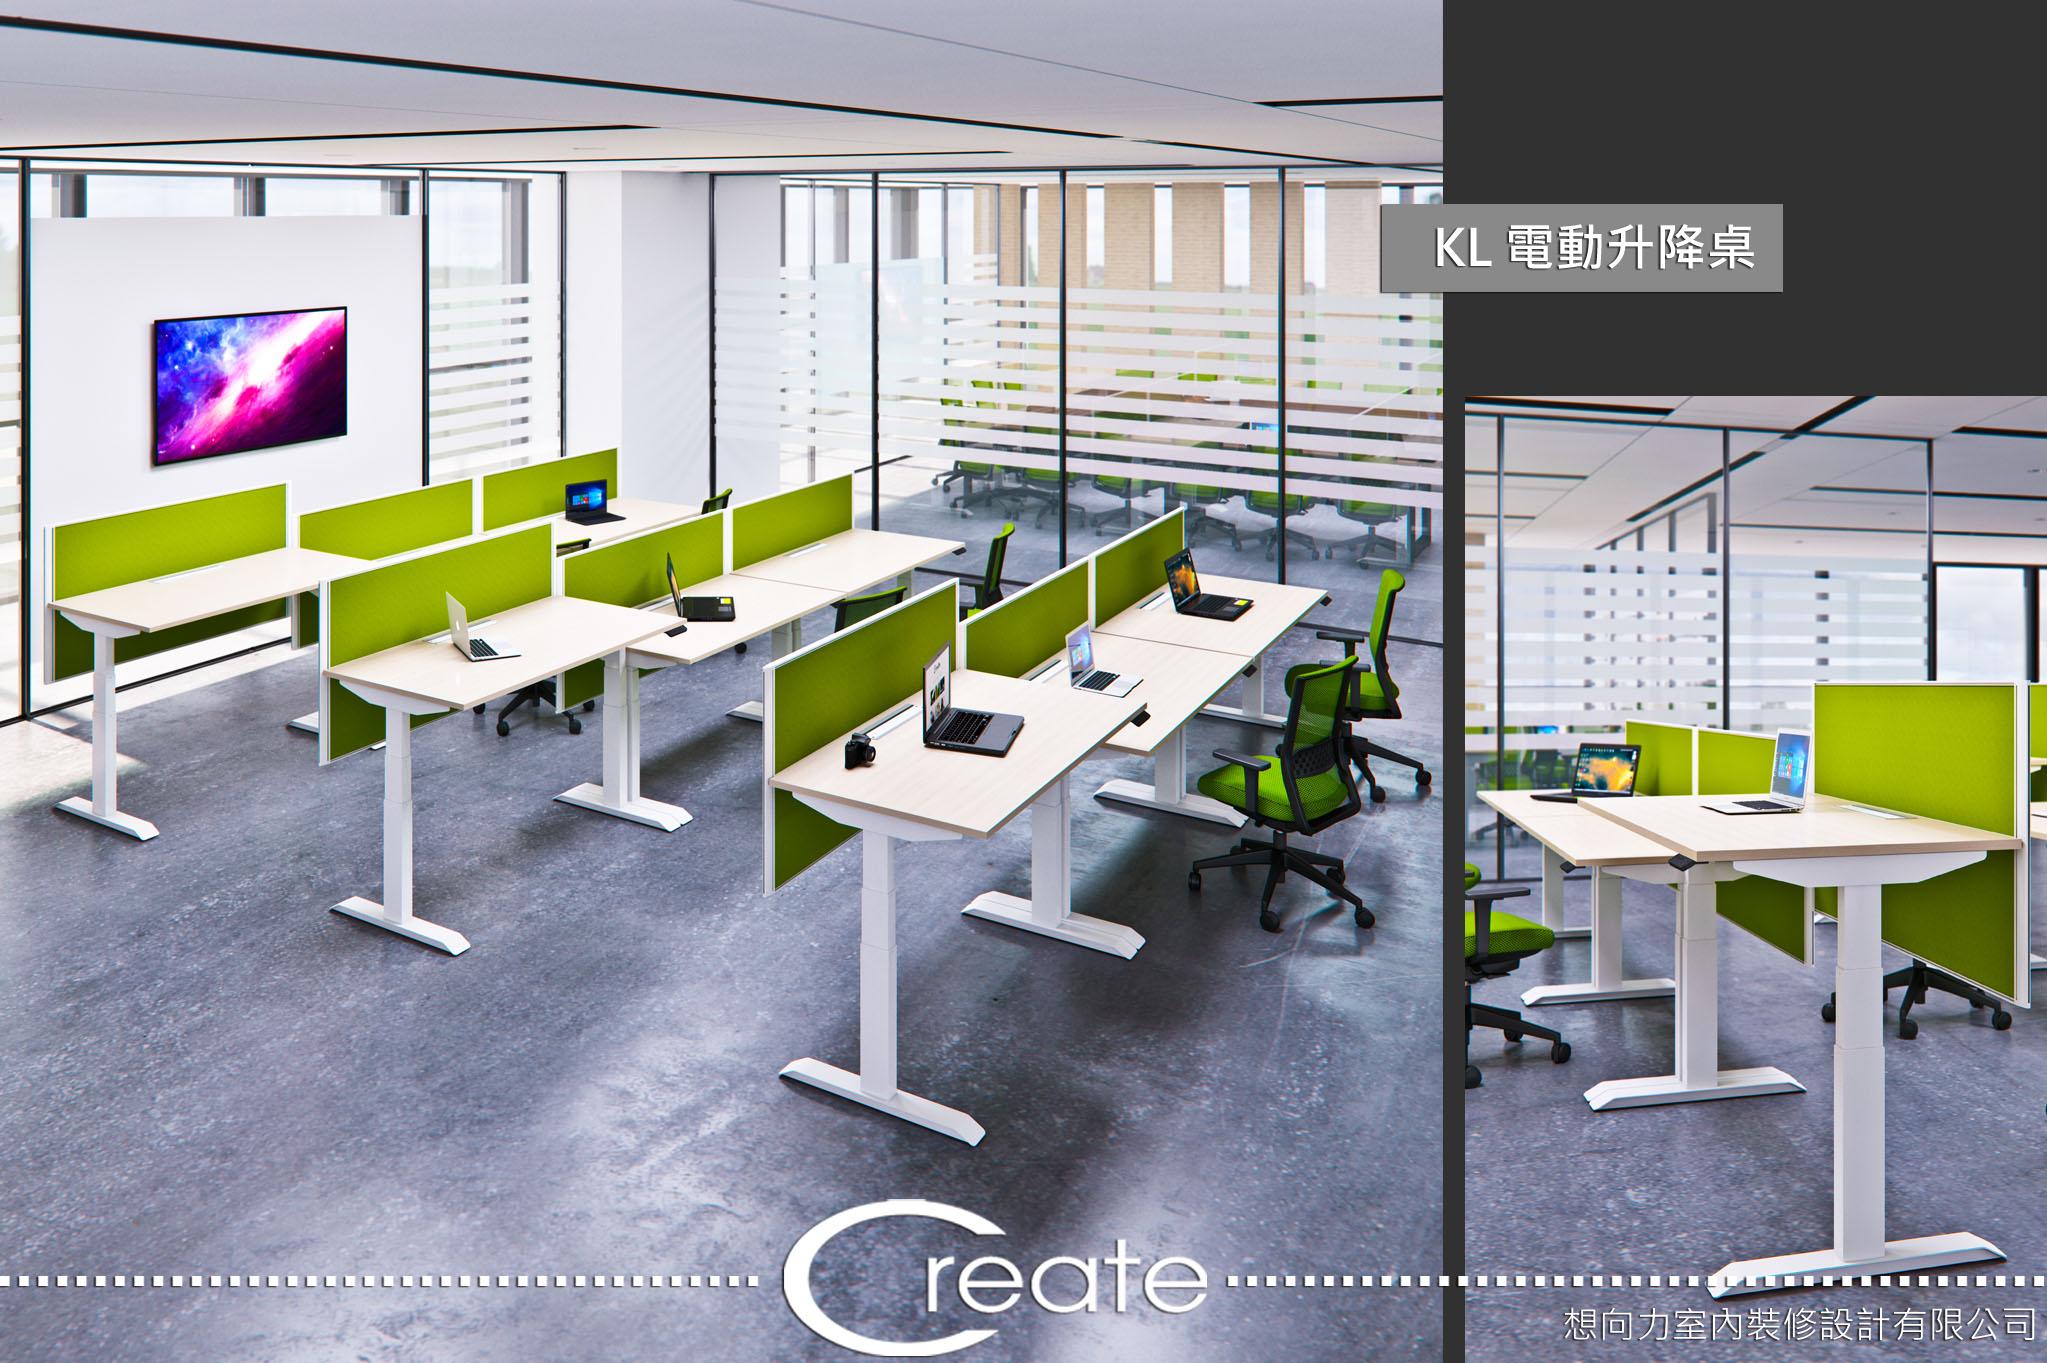 KL-電動升降桌-1